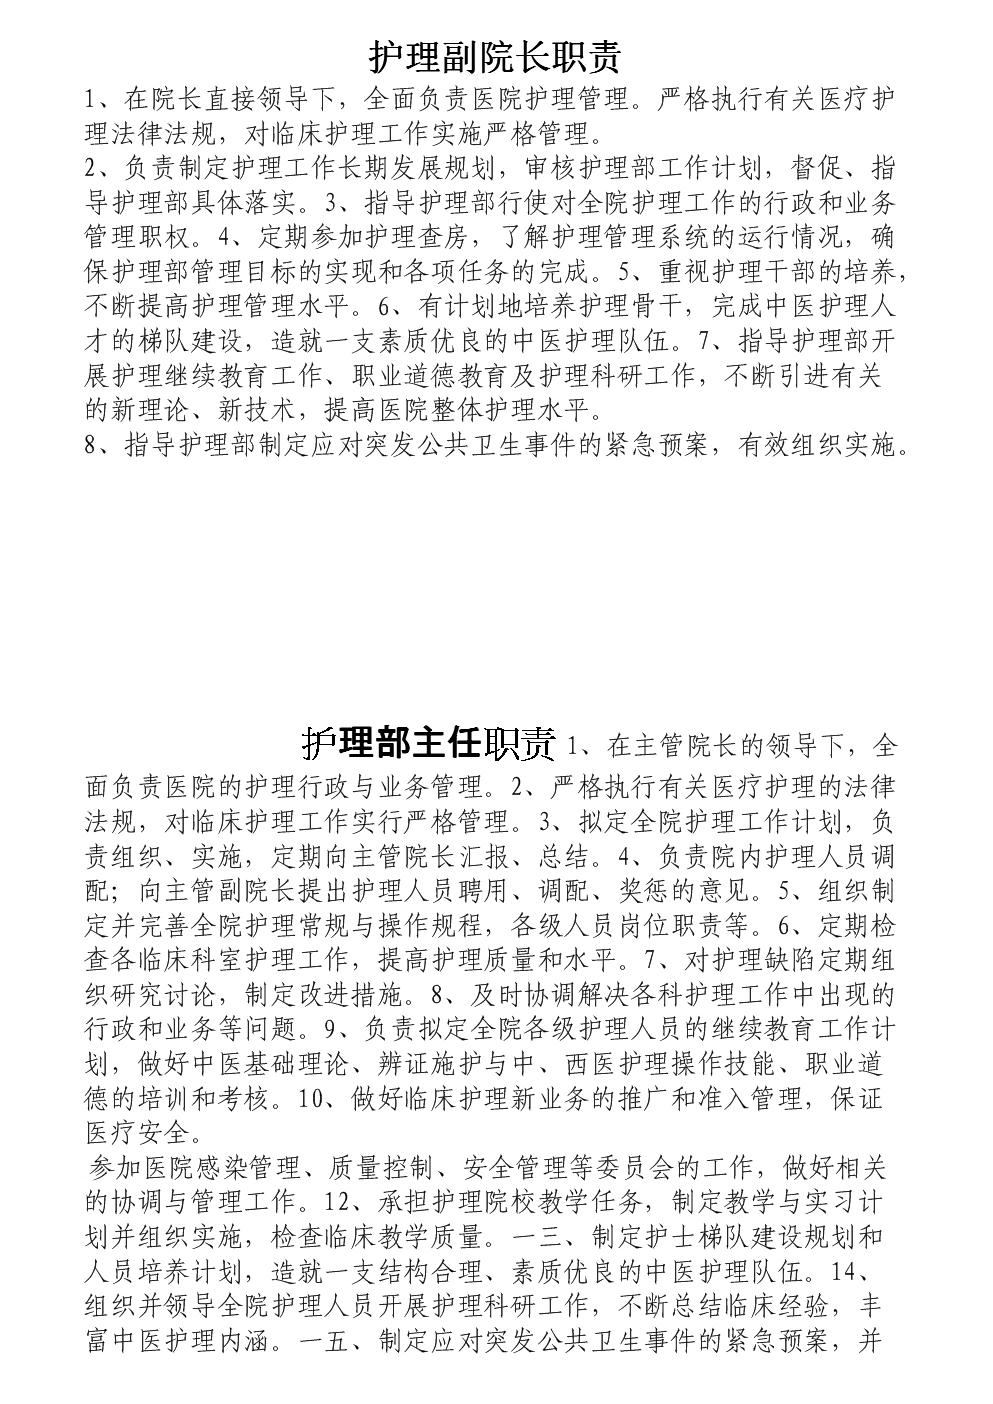 中医护理人员职责概述.docx